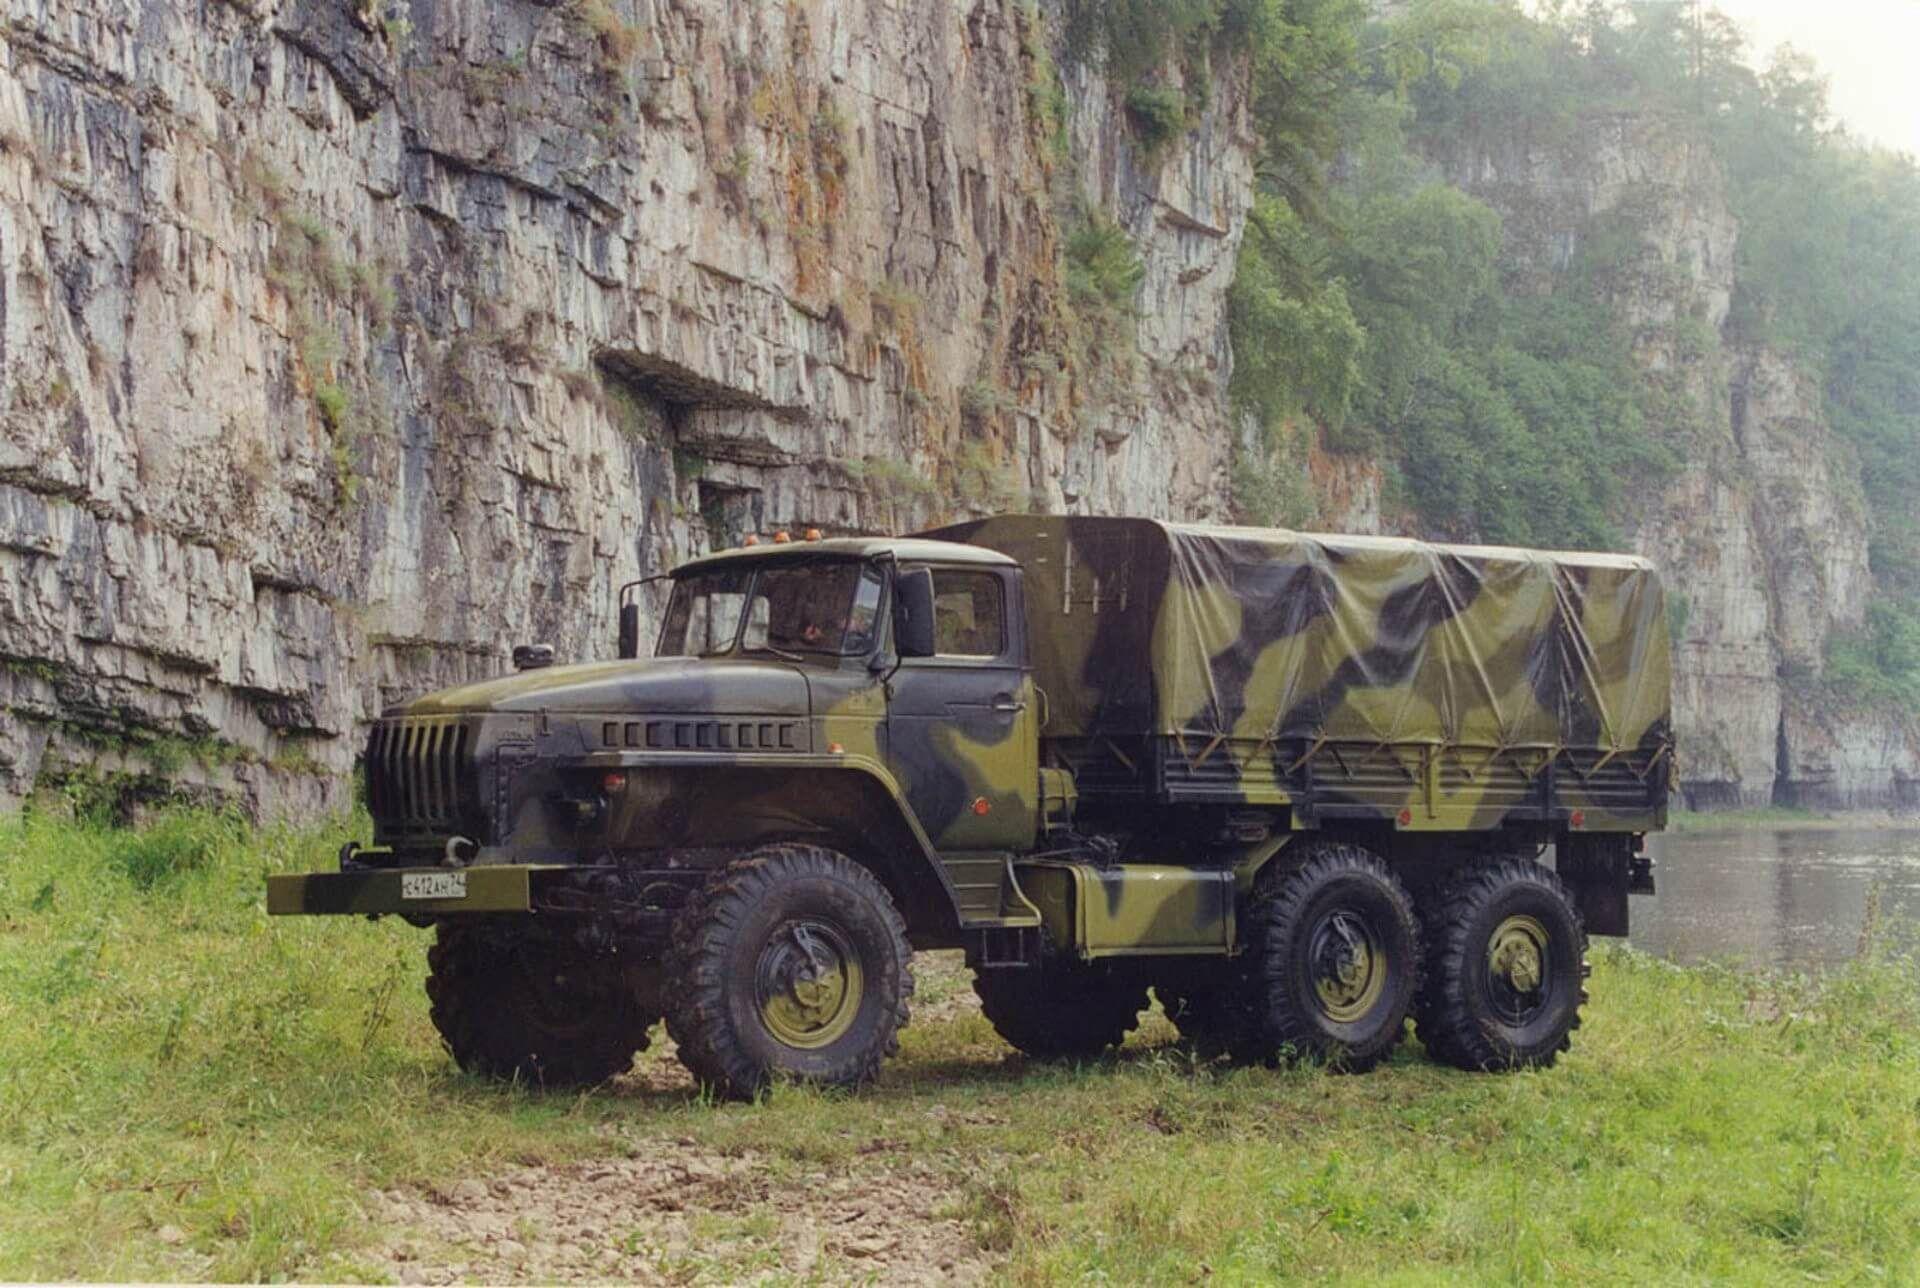 www.схема тормозов від грузовика урал-4320 зображення